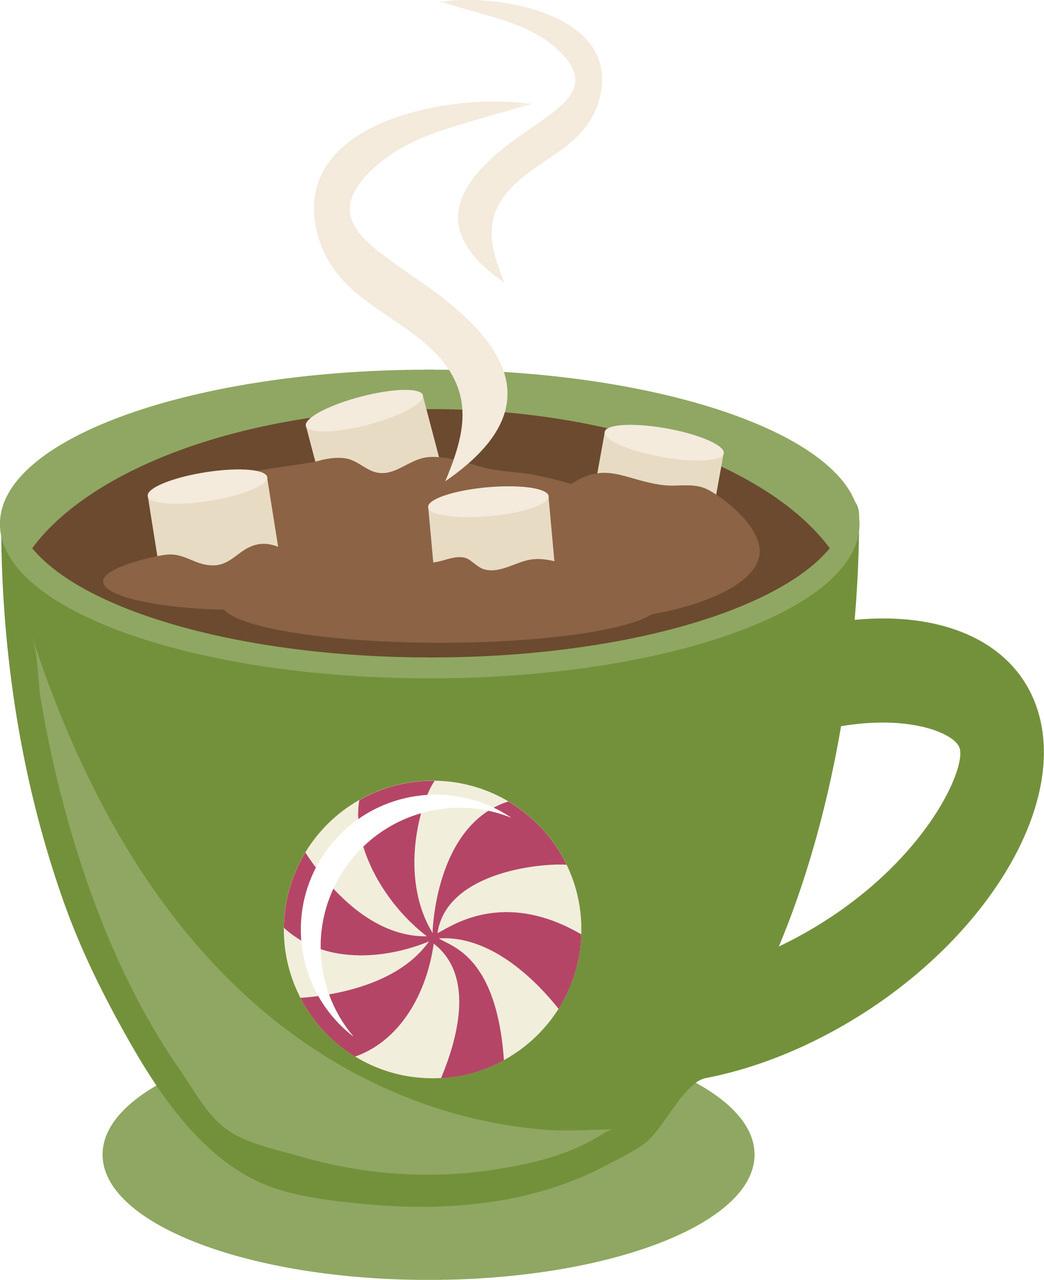 christmas hot cocoa clip art christmas cocoa abwutk clipart mentor rh mentorpl org hot cocoa clipart images hot cocoa clipart png